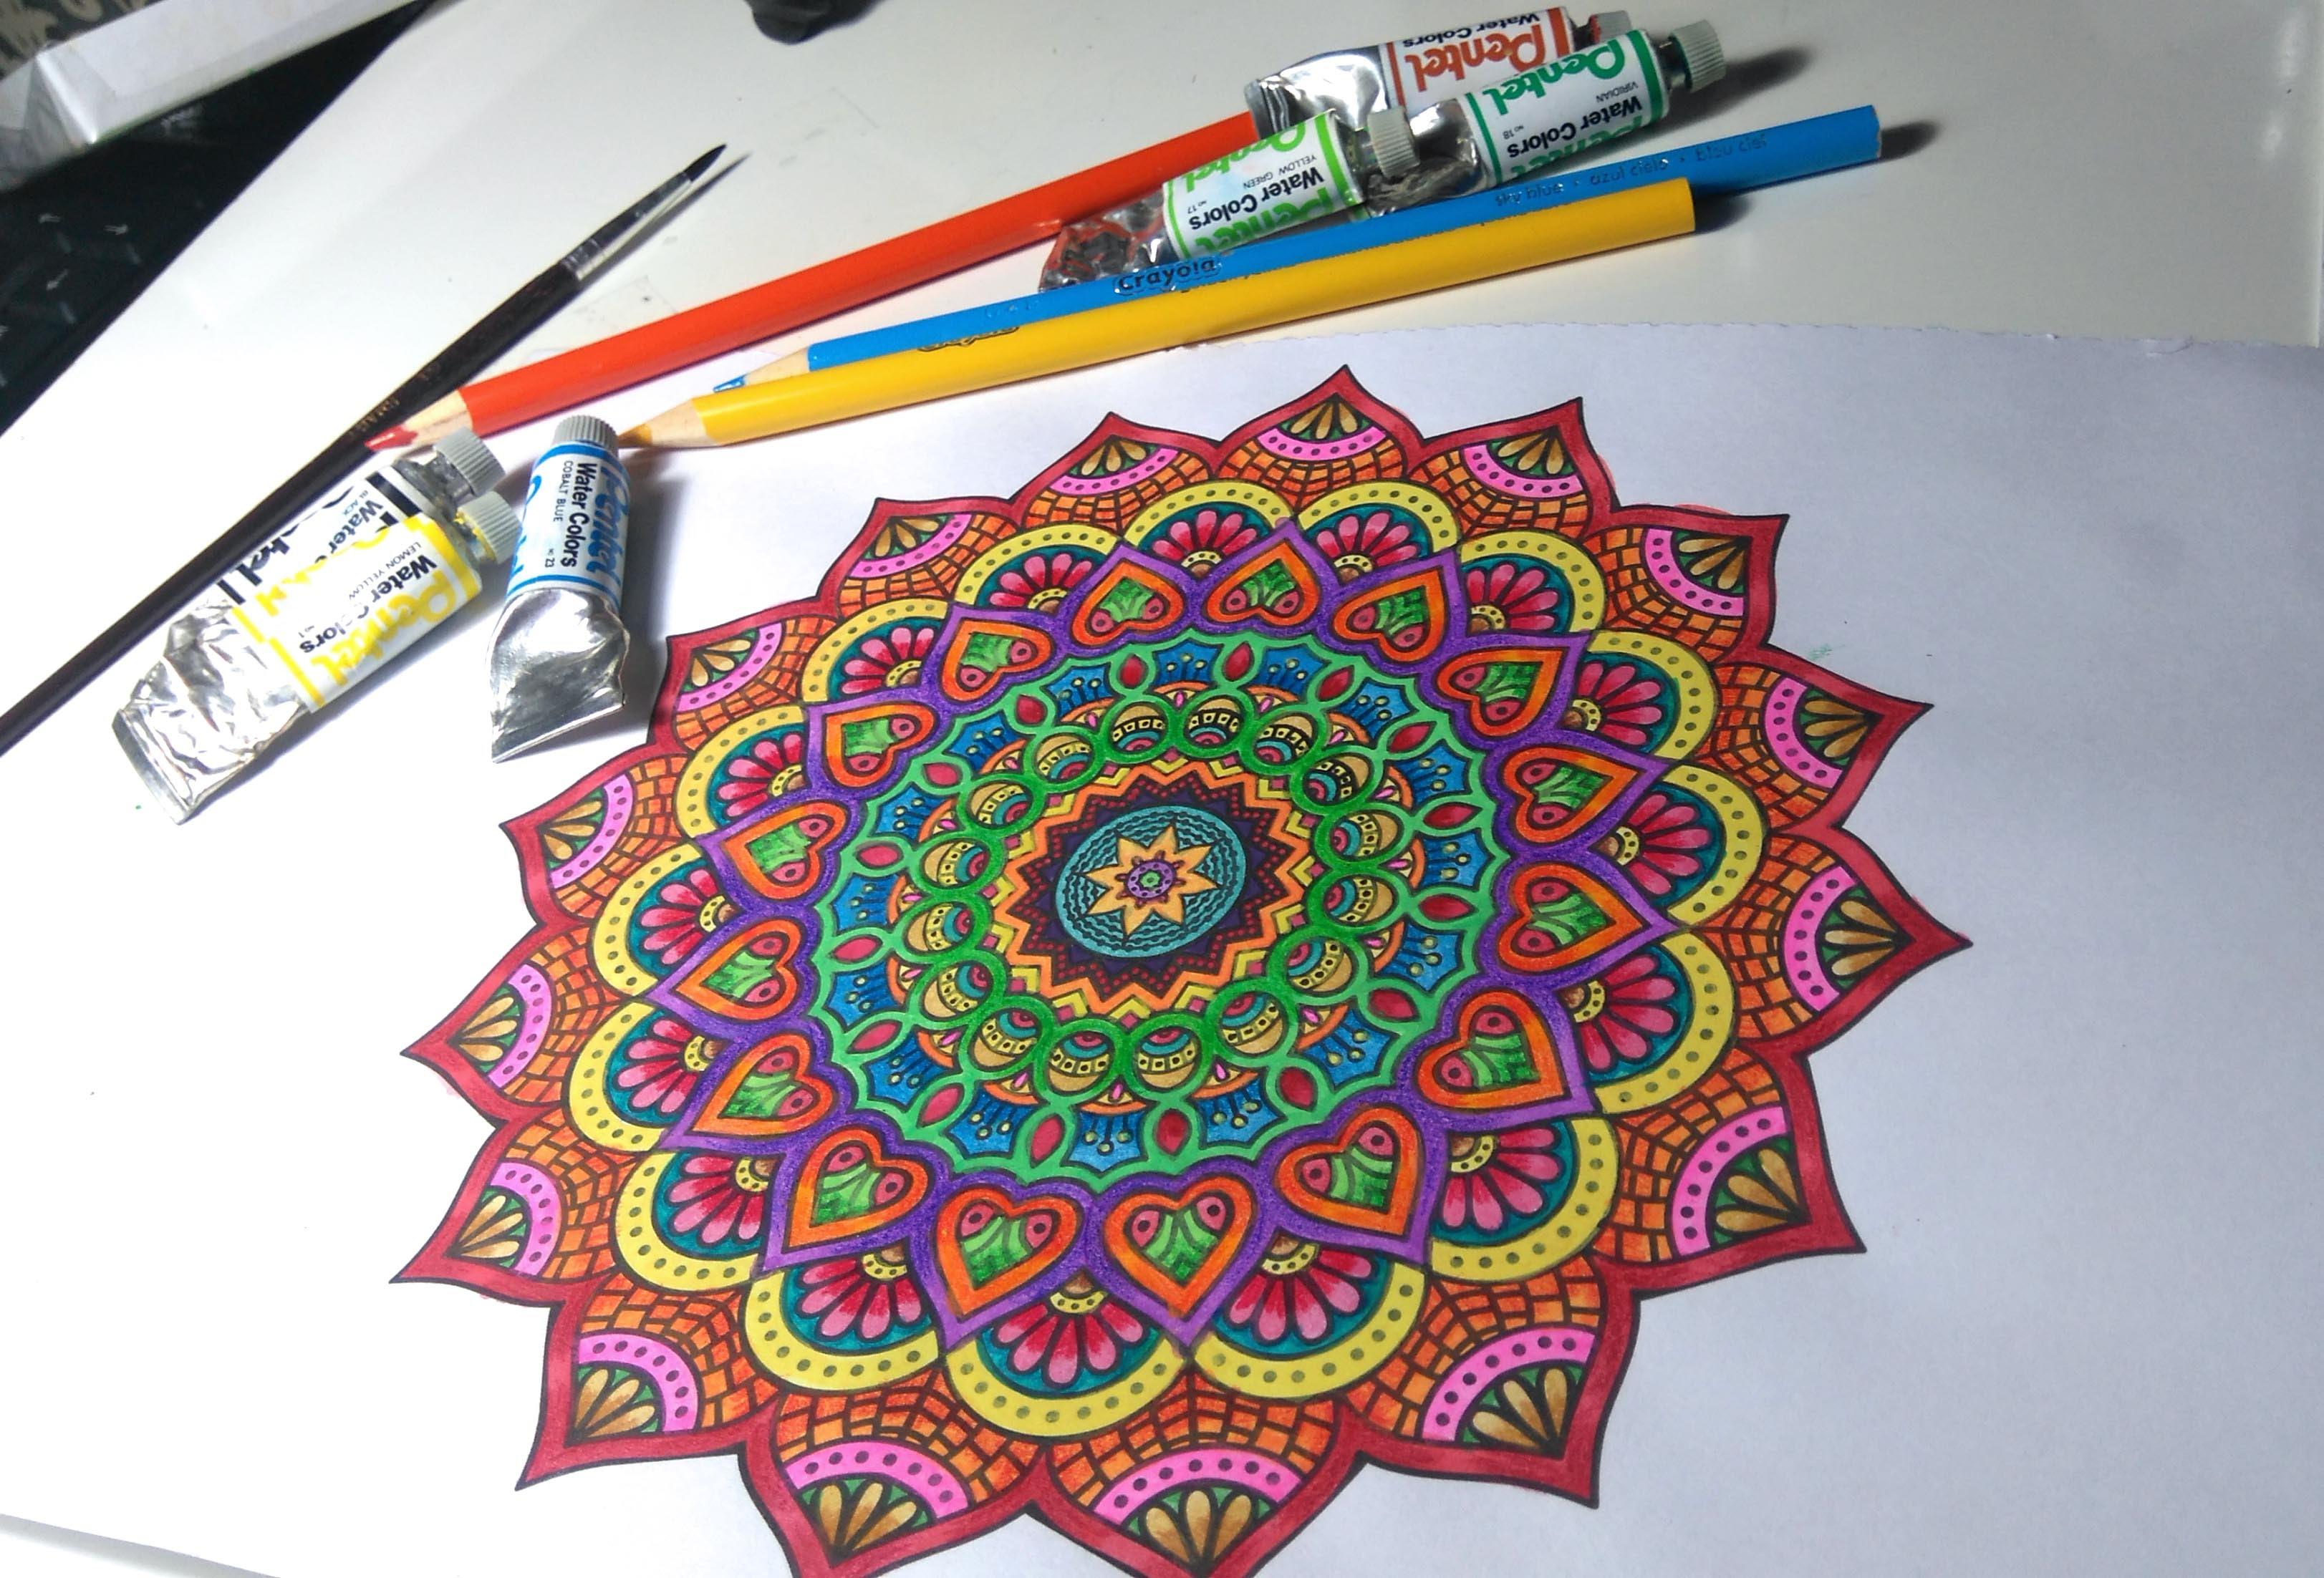 activité manuelle adulte, faire un dessin coloriage mandala, motifs floraux, idée créative occupation temps libre, quoi faire quand on s ennuie